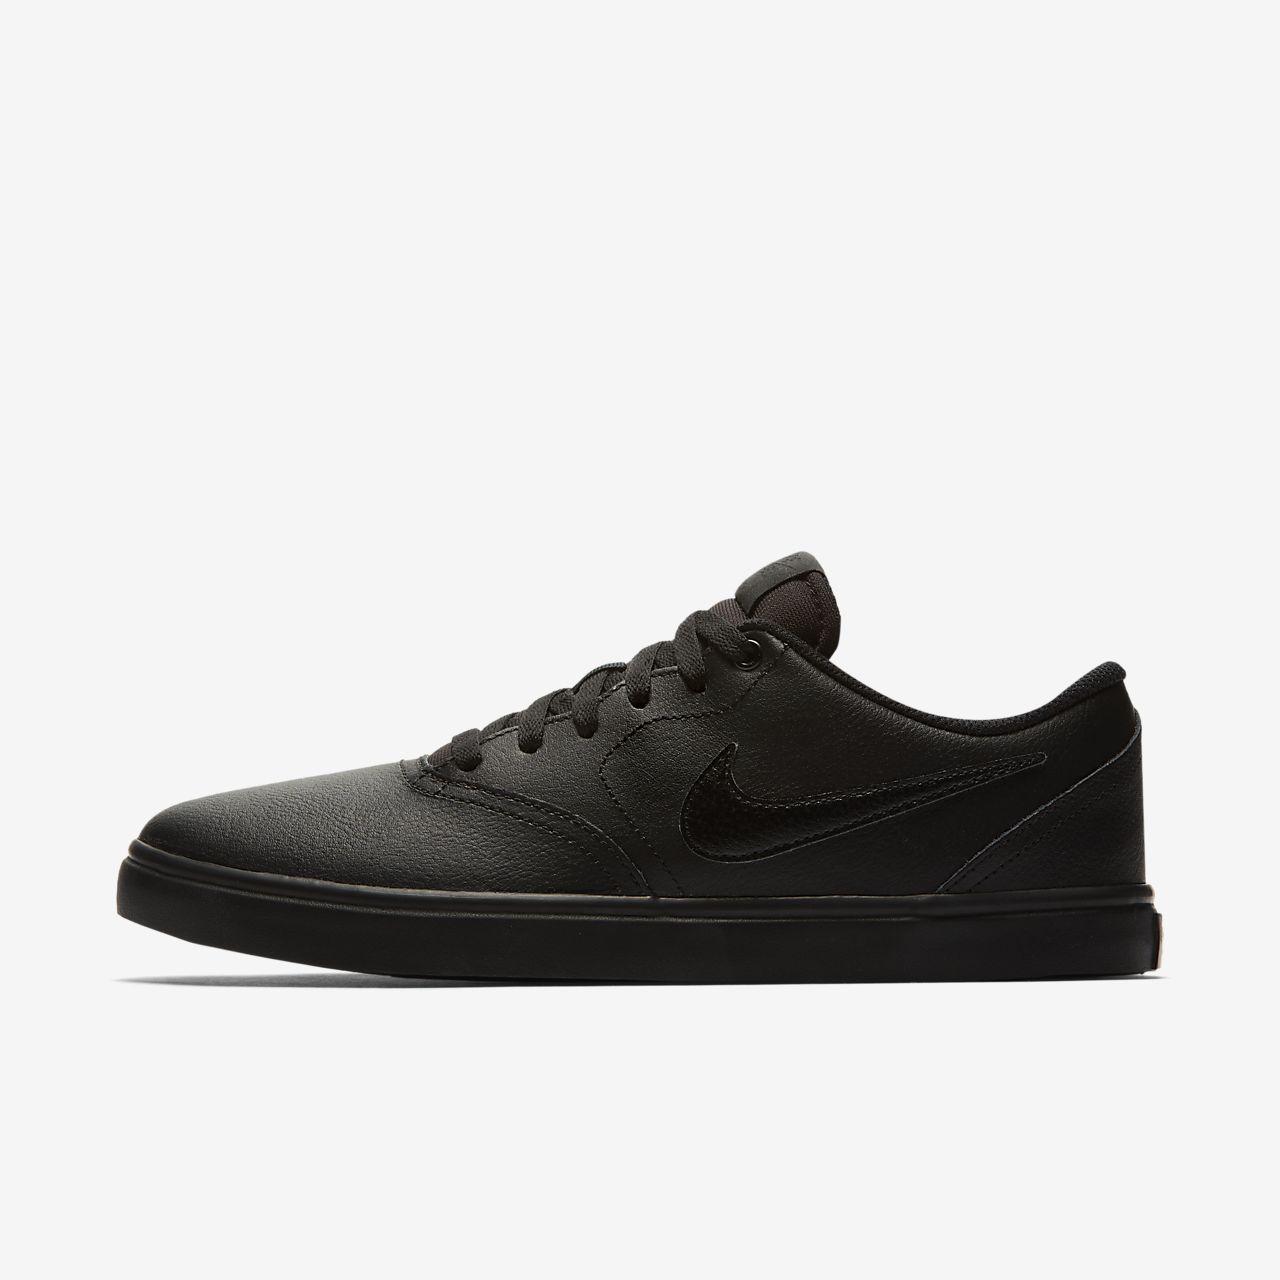 Nike SB Check Solarsoft Zapatillas de skateboard - Hombre